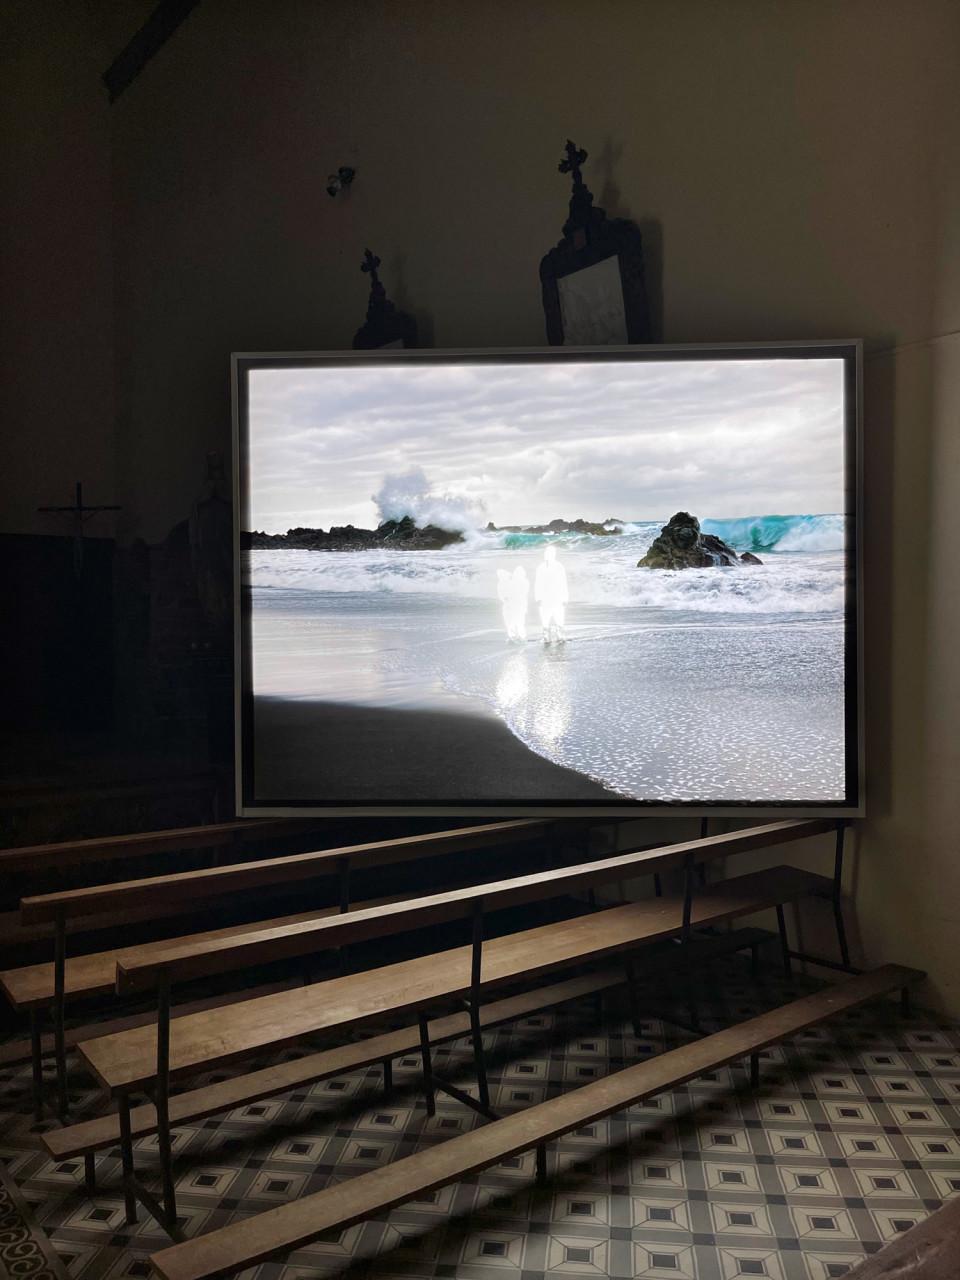 C'est Extra – Les Nuits Secrètes, Aulnoye-Aymeries, France, 2021.